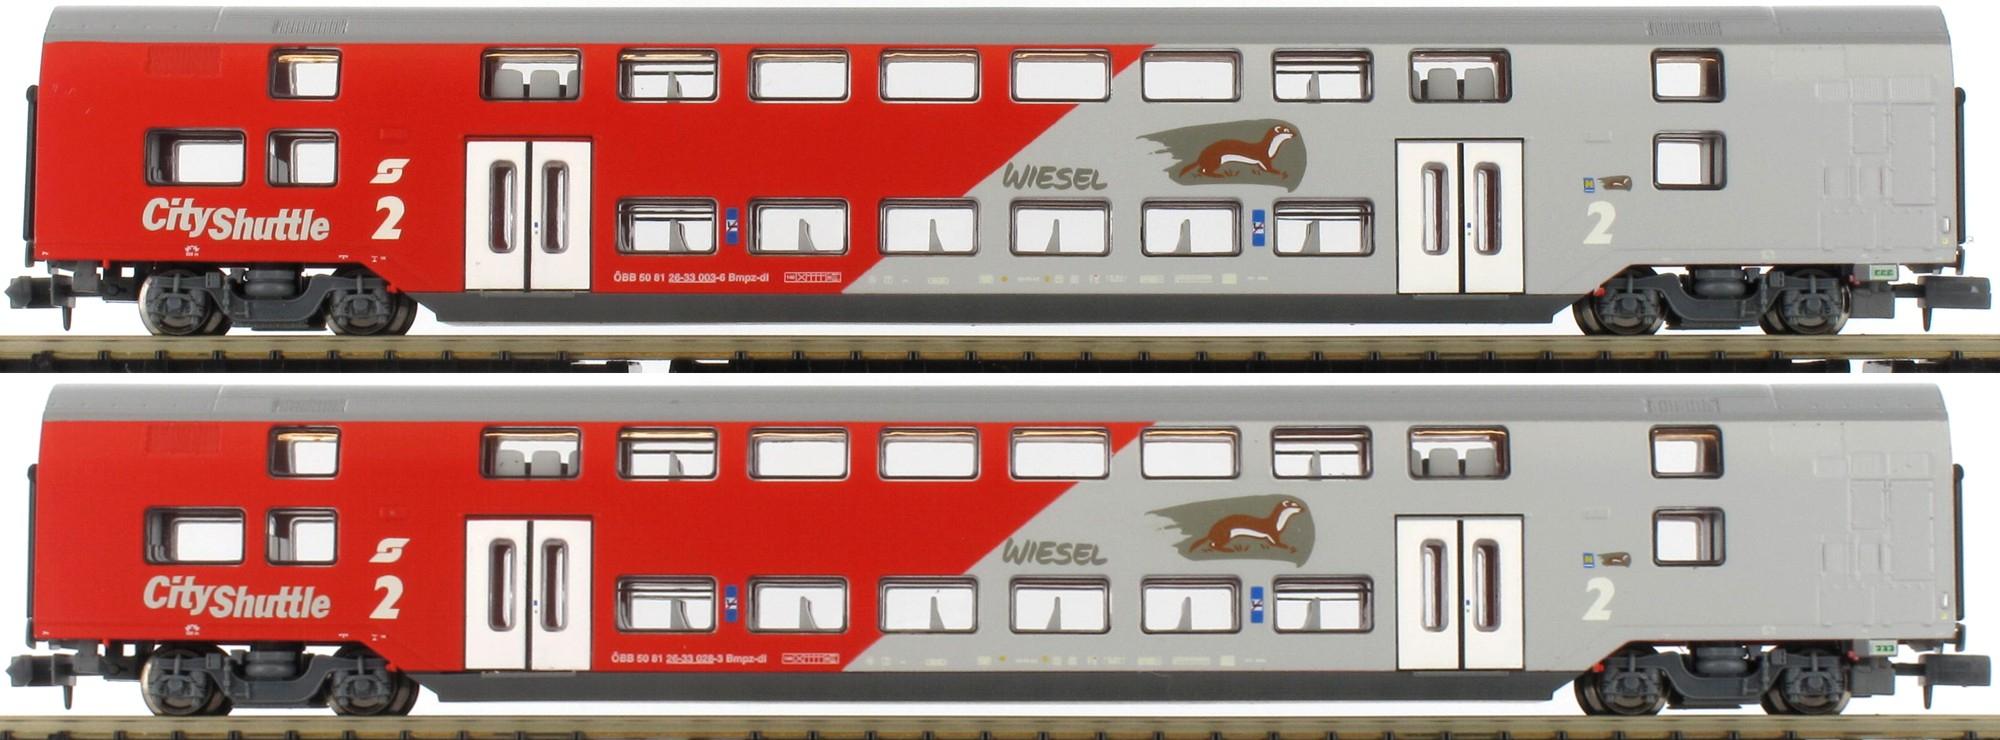 Modellbahn Jägerndorfer 2-tlg. Dosto Garnitur ÖBB City Shuttle Best.-Nr. 60201 N DC (ev. Versandkosten dazu) bei Modellbahn Licht